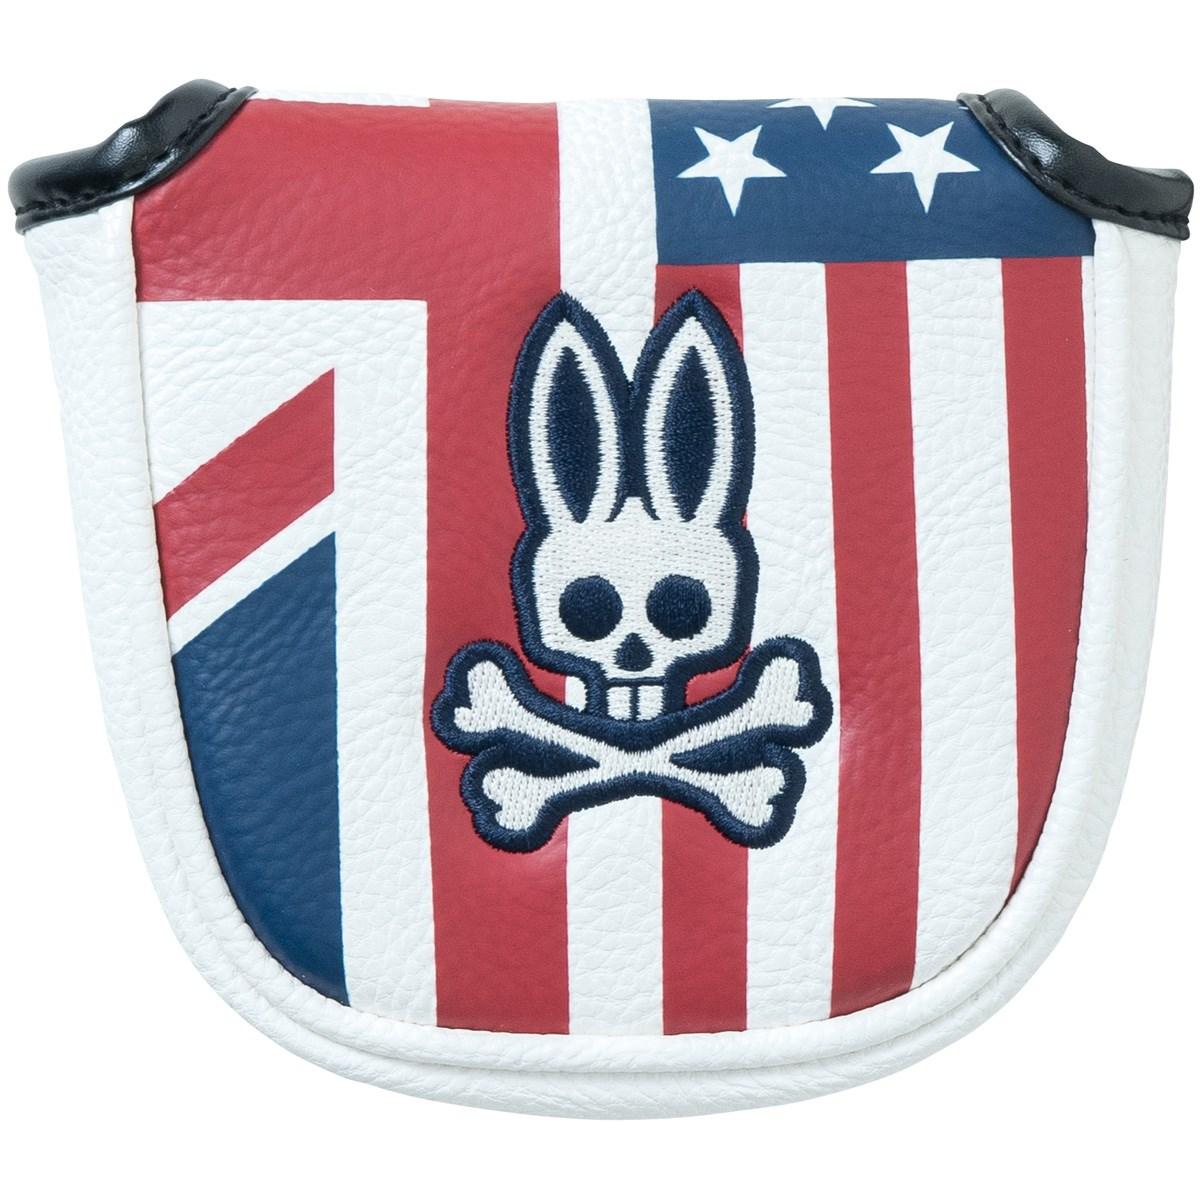 サイコバニー A/A FLAG パターカバー